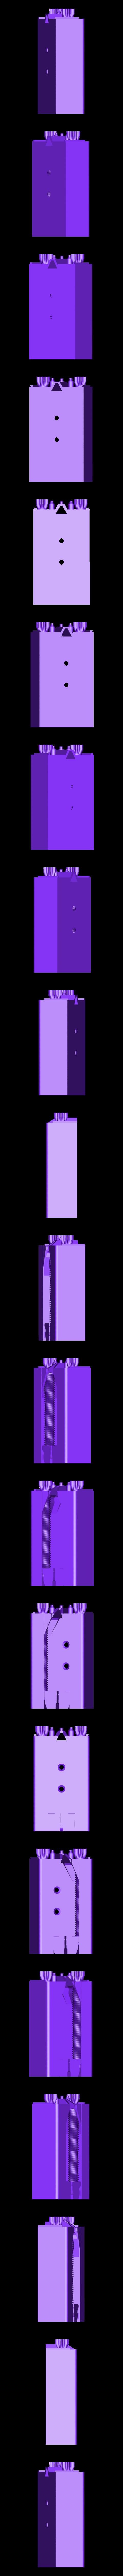 DISPENSER BLOC (x1).stl Télécharger fichier STL gratuit Distributeur à dentifrice • Design imprimable en 3D, Anthony_SA